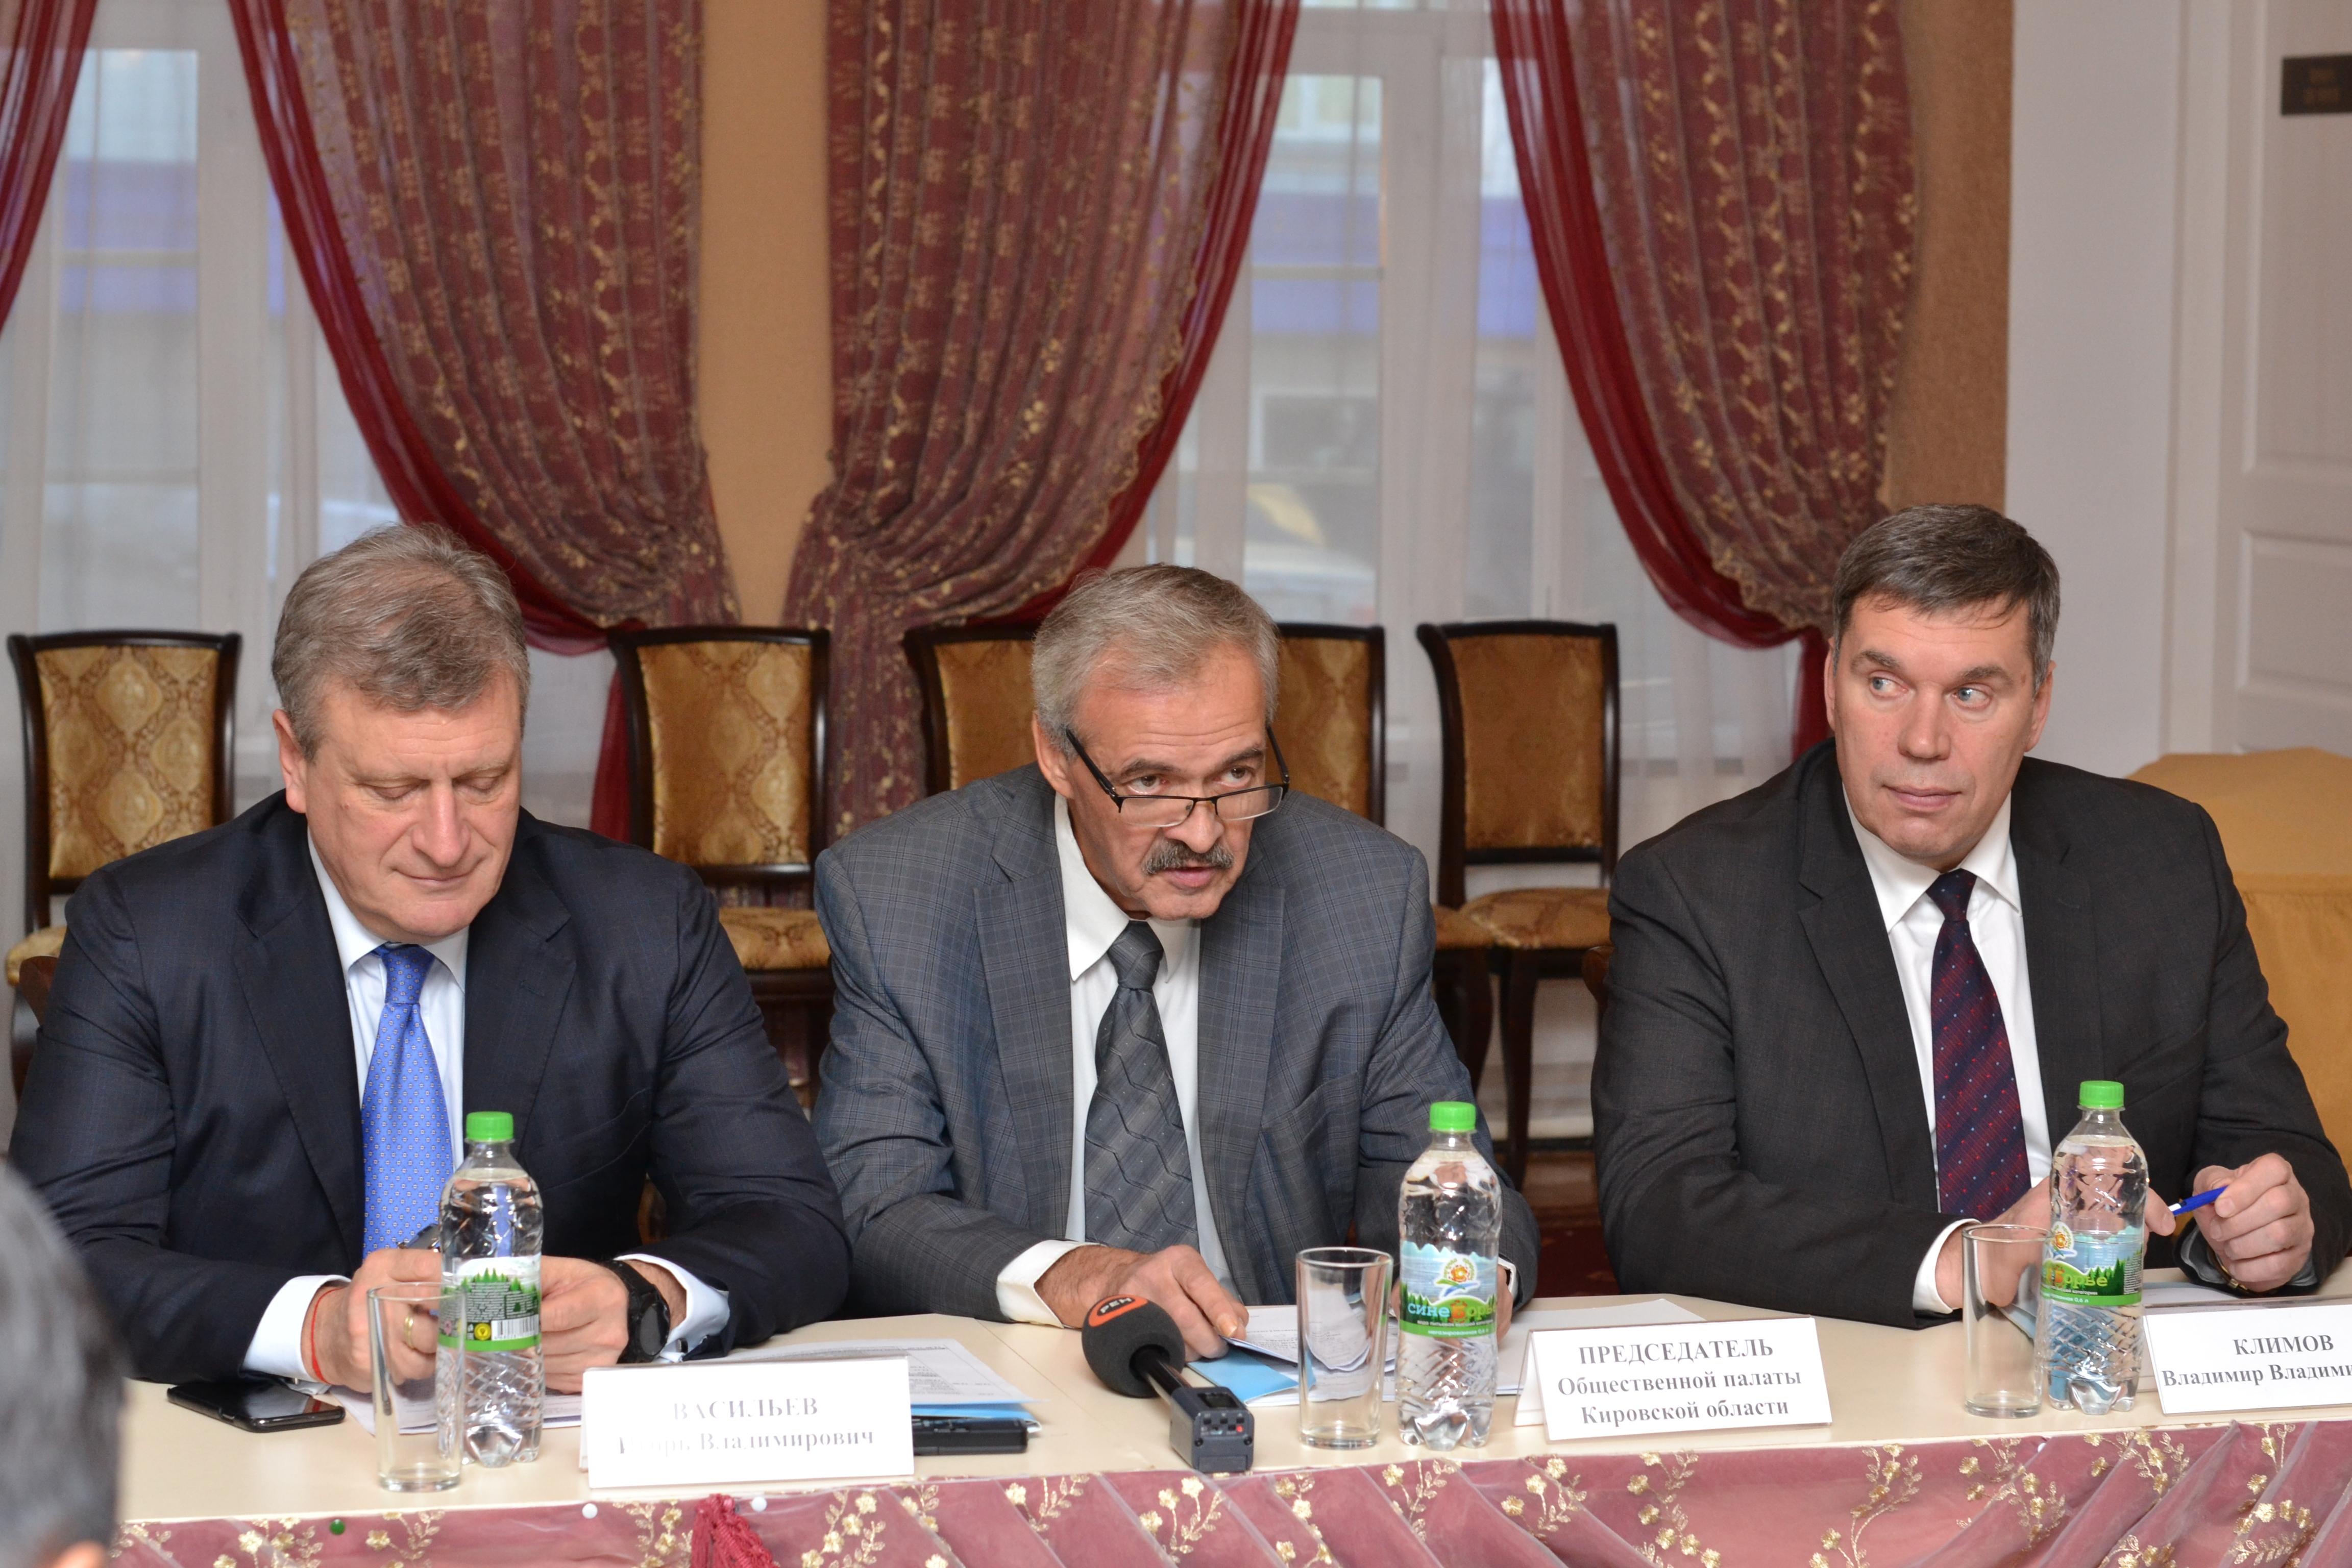 Общественную палату Кировской области вновь возглавил Александр Галицких.